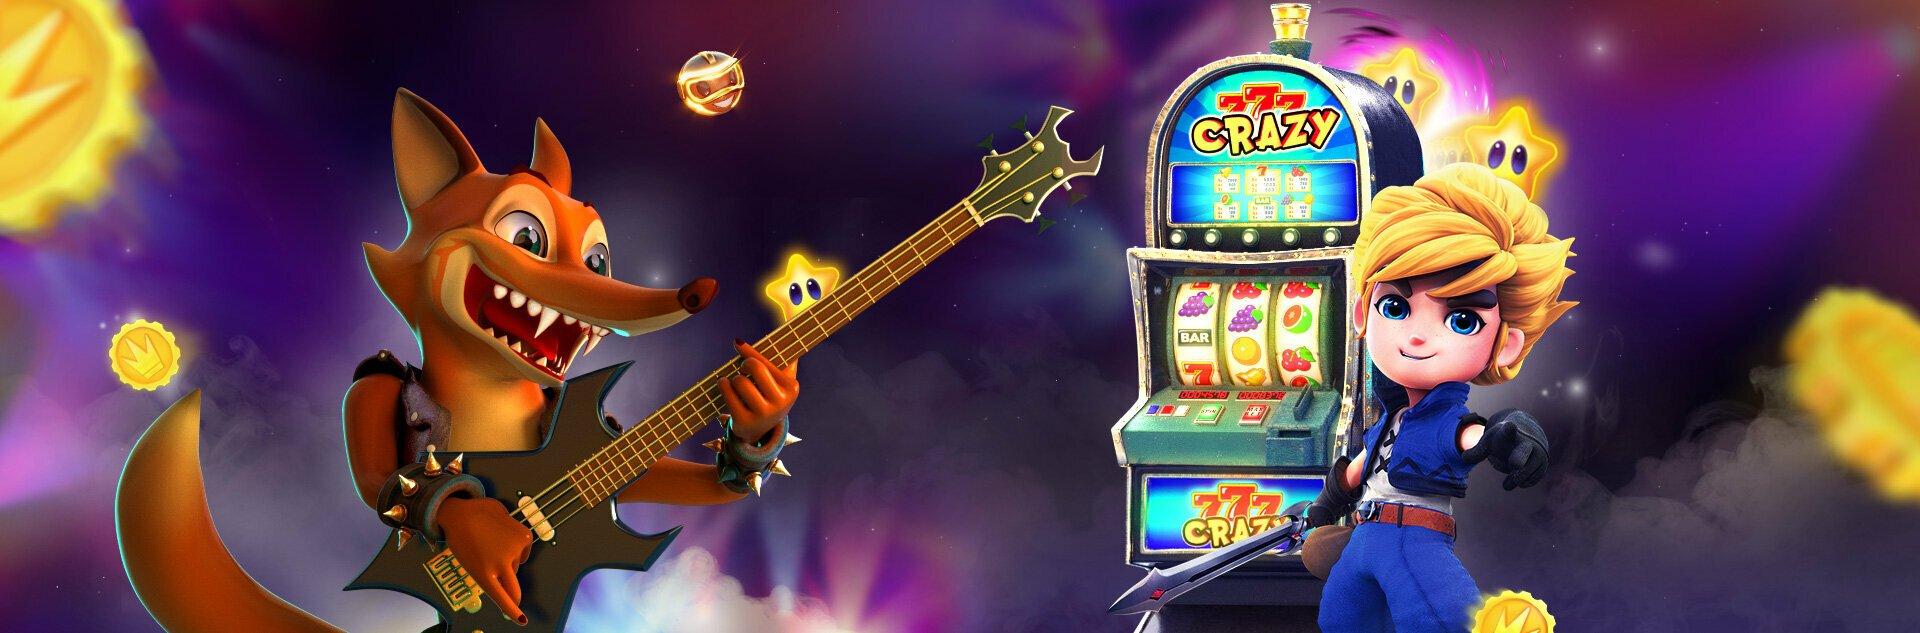 Crazy Fox casino review CA